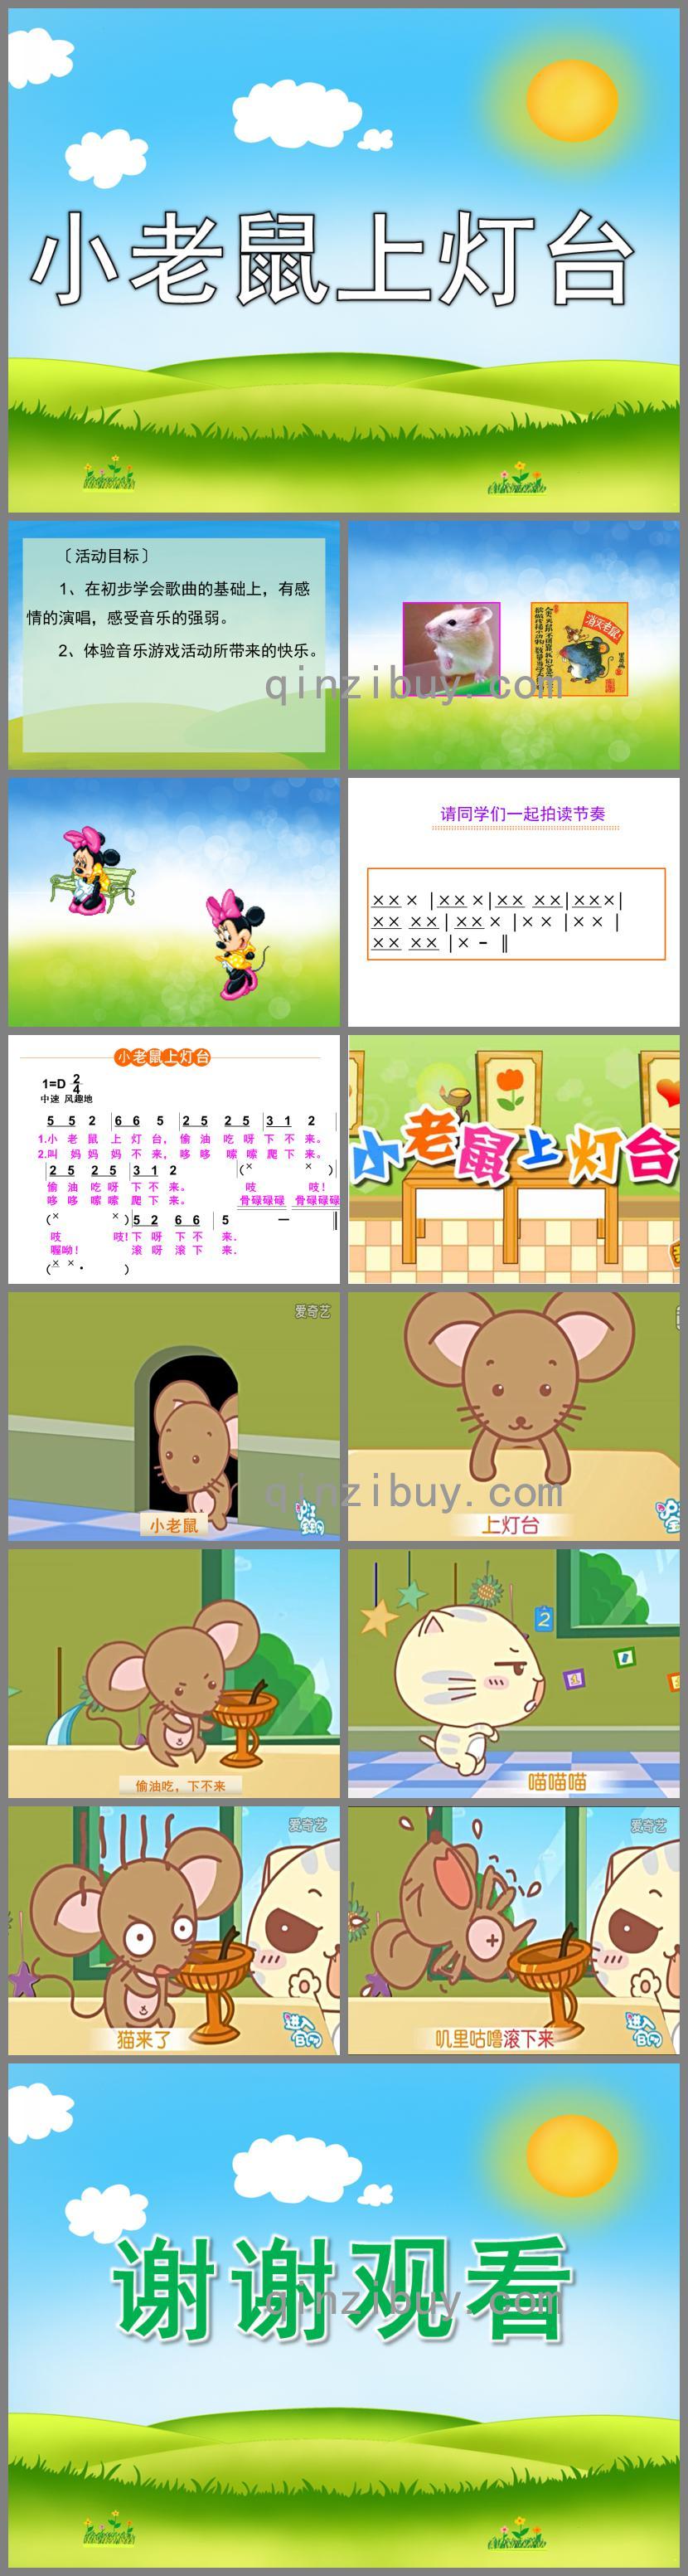 幼儿园音乐小老鼠上灯台PPT课件歌曲